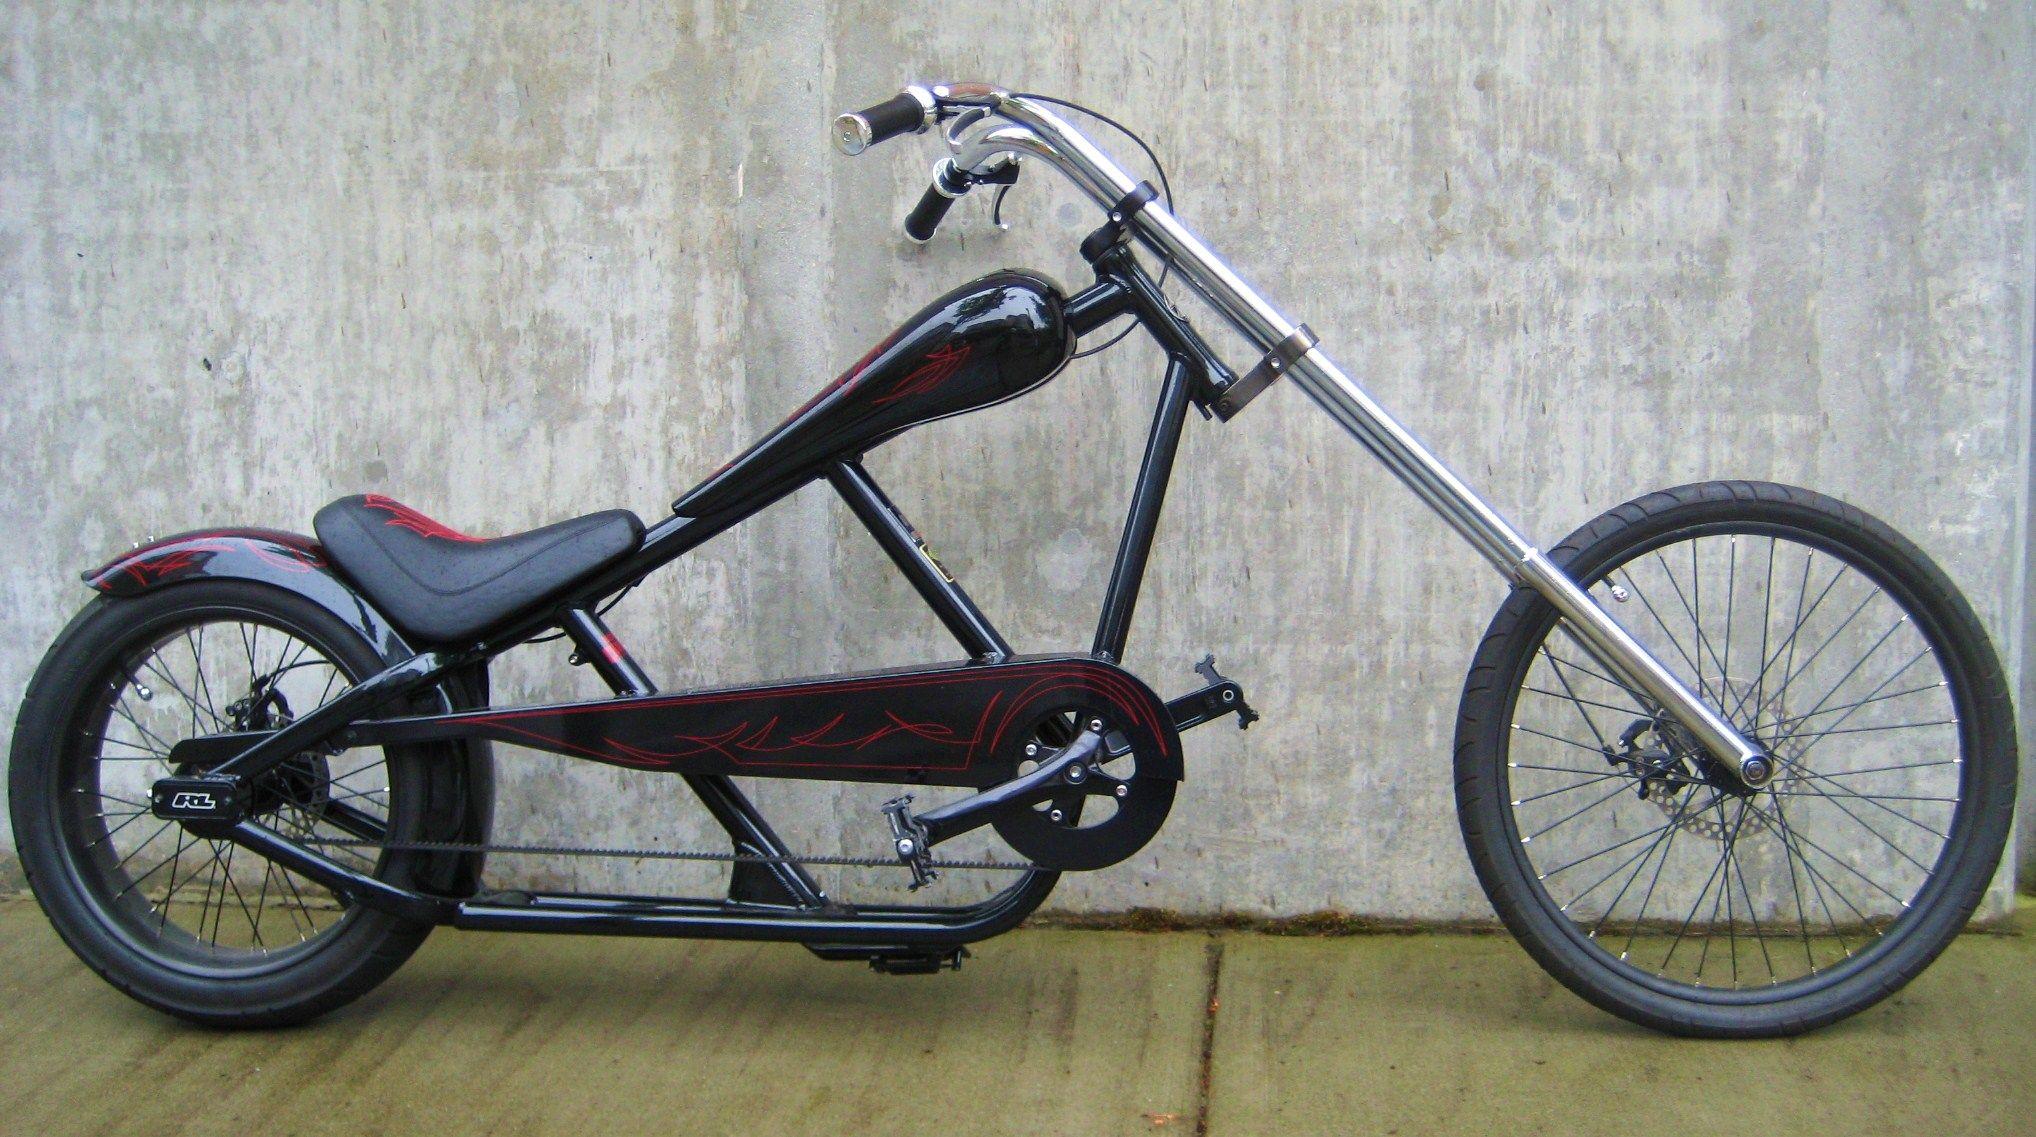 Redline Rain City Chopper Bike A Friend Of Mine In Florida Has One Of These I Had Redlines When I Was A Kid I Might Buy Cruiser Bike Bicycle Chopper Bike